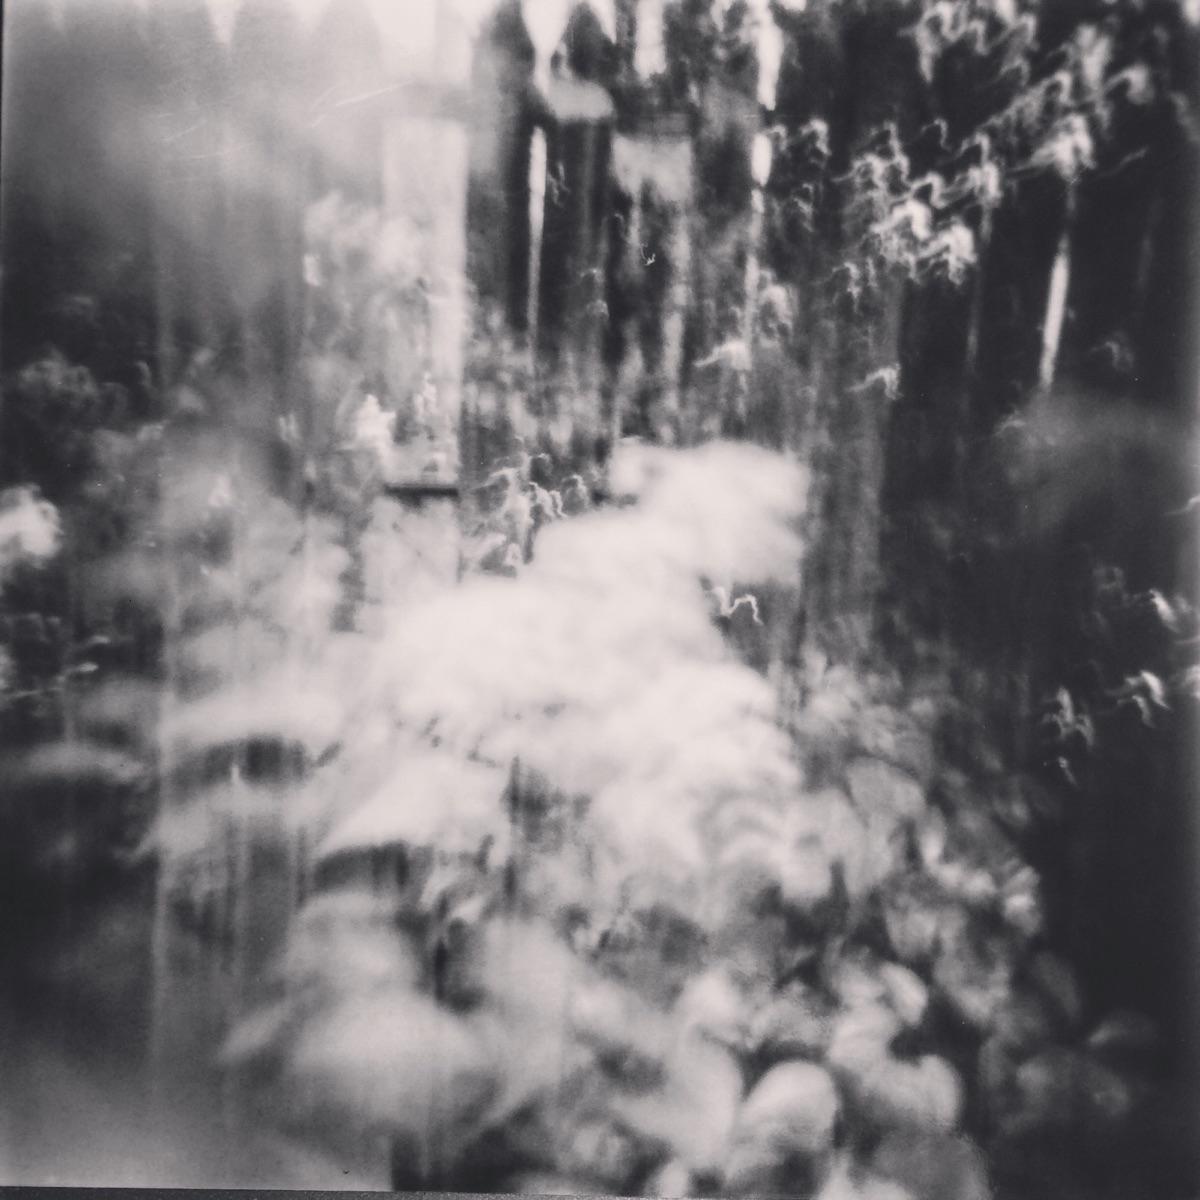 holga black white - 120, film, blackandwhite - x-files   ello